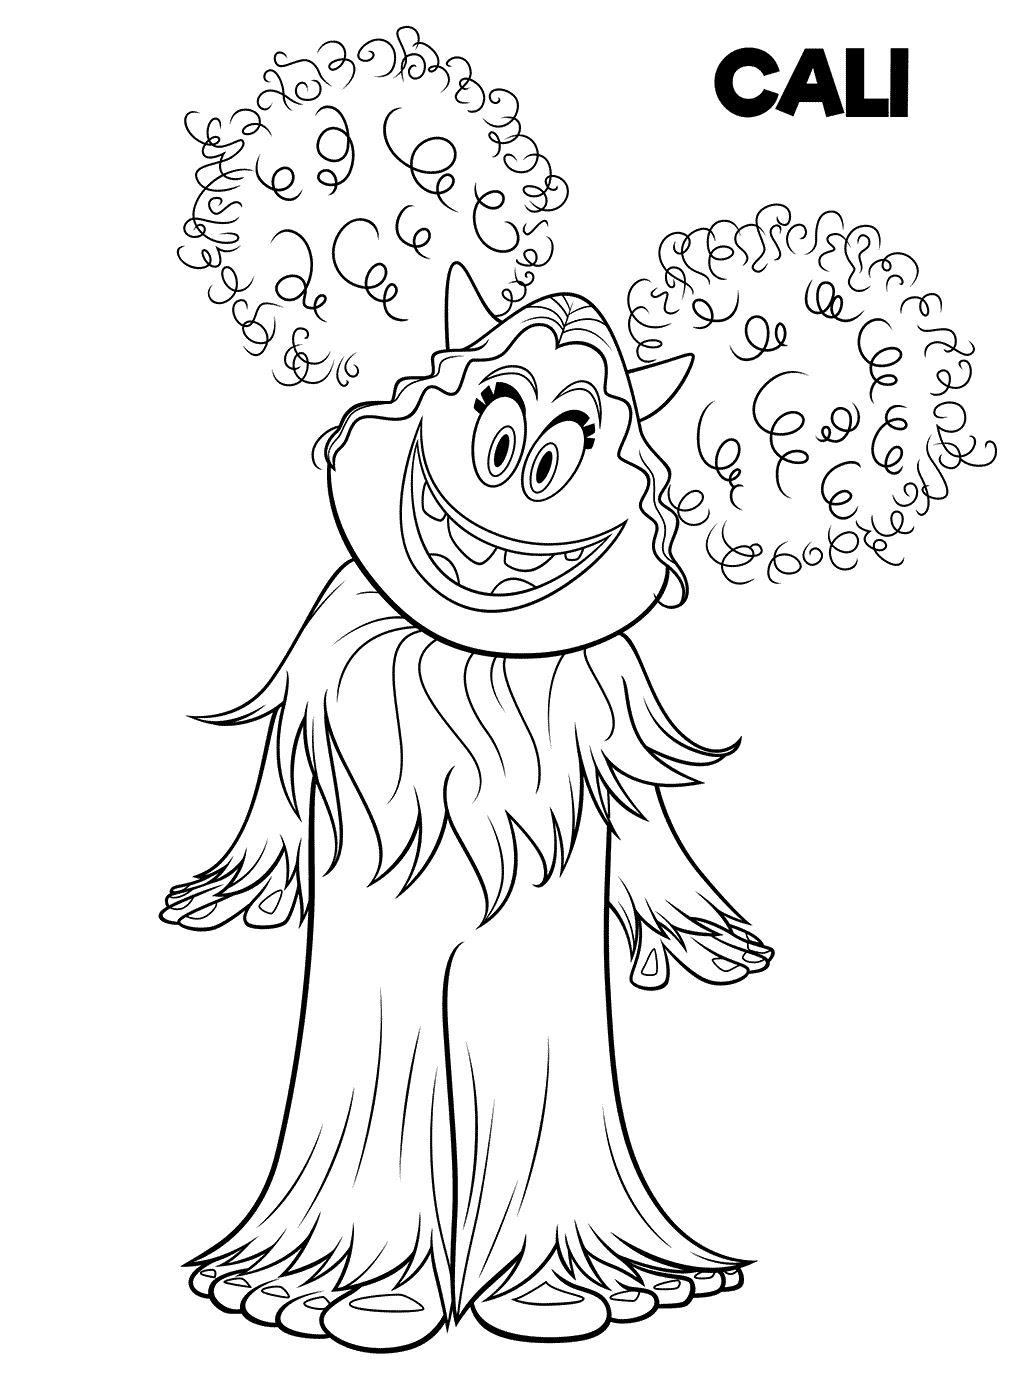 Cali Dibujos Para Colorear De La Pelicula De Smallfoot